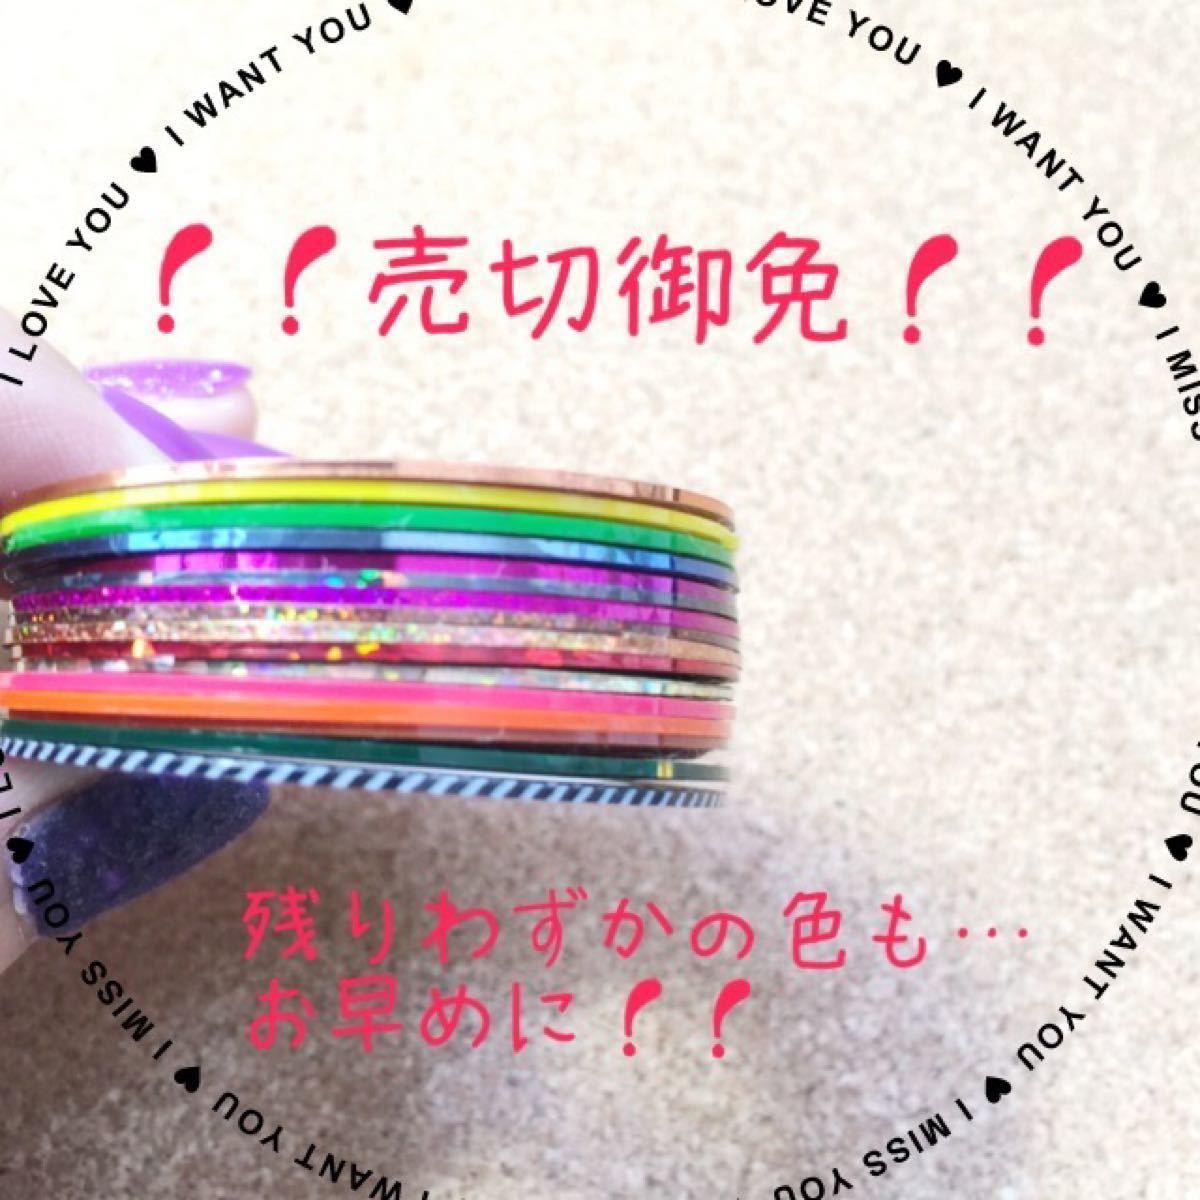 ネイル テープ ラインテープ ネイル用品 ネイルパーツ お好み5色セット